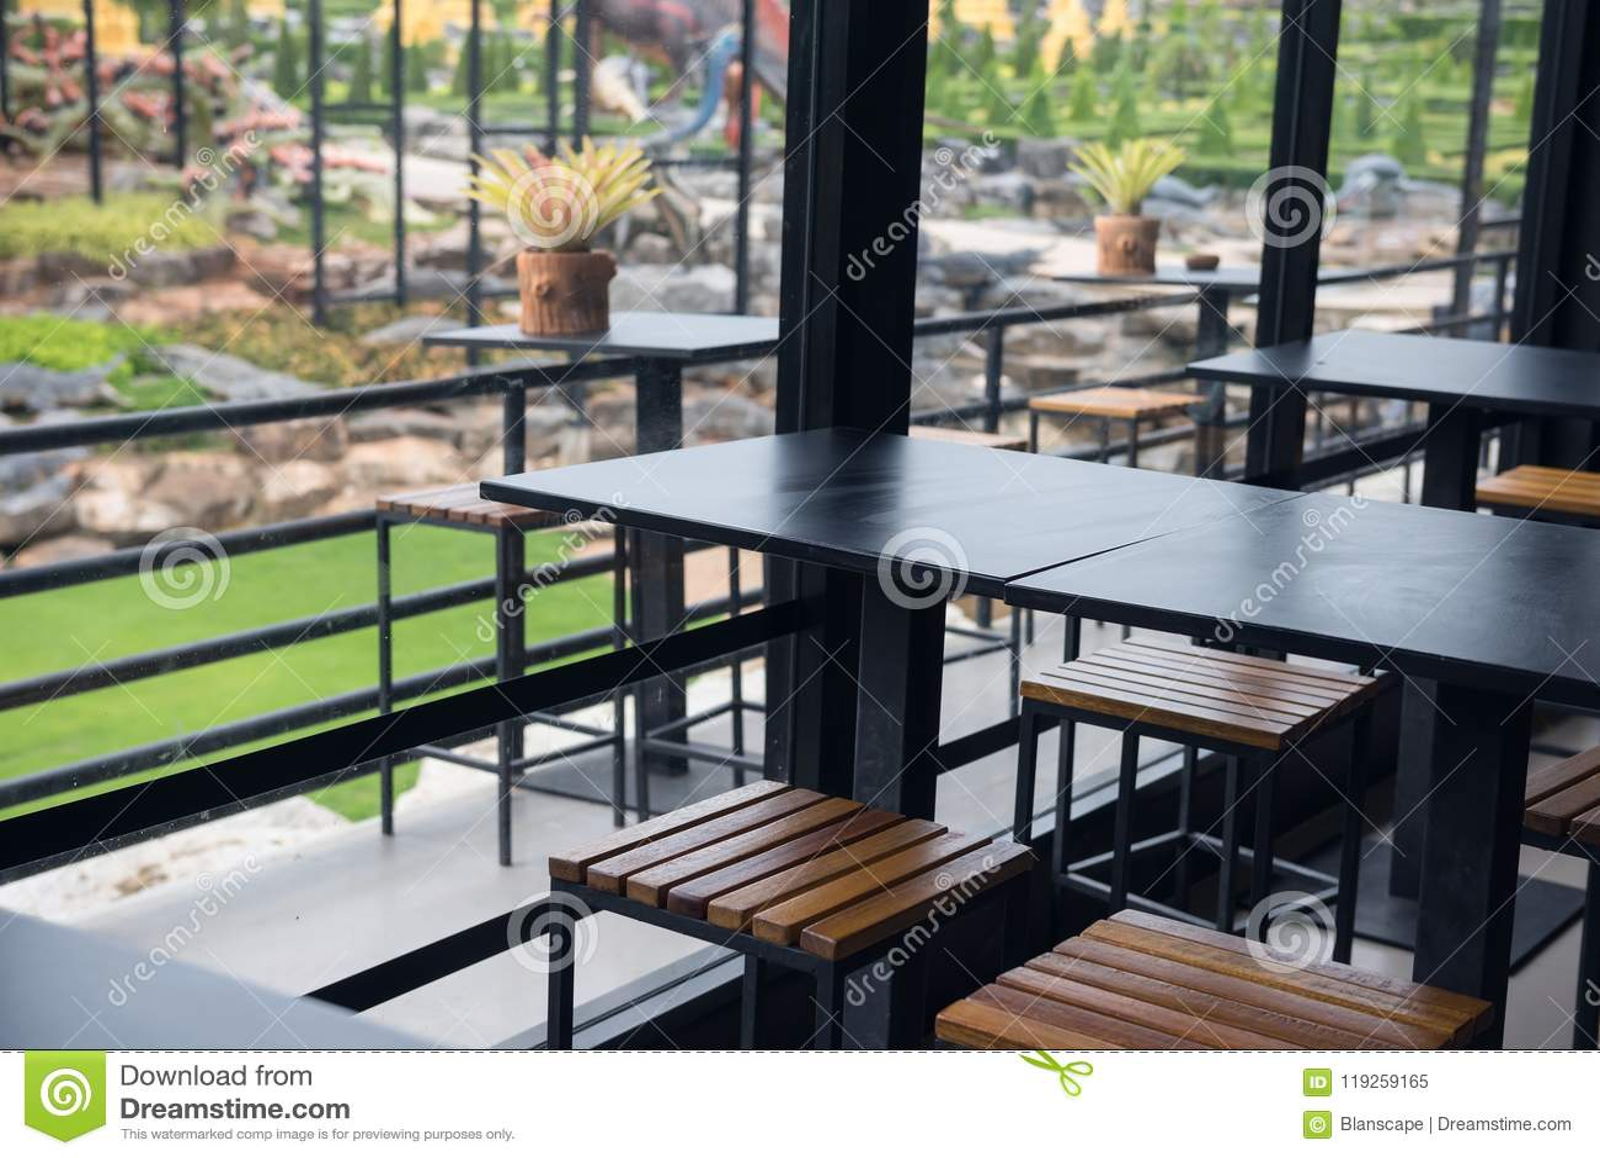 室内和室外餐馆桌